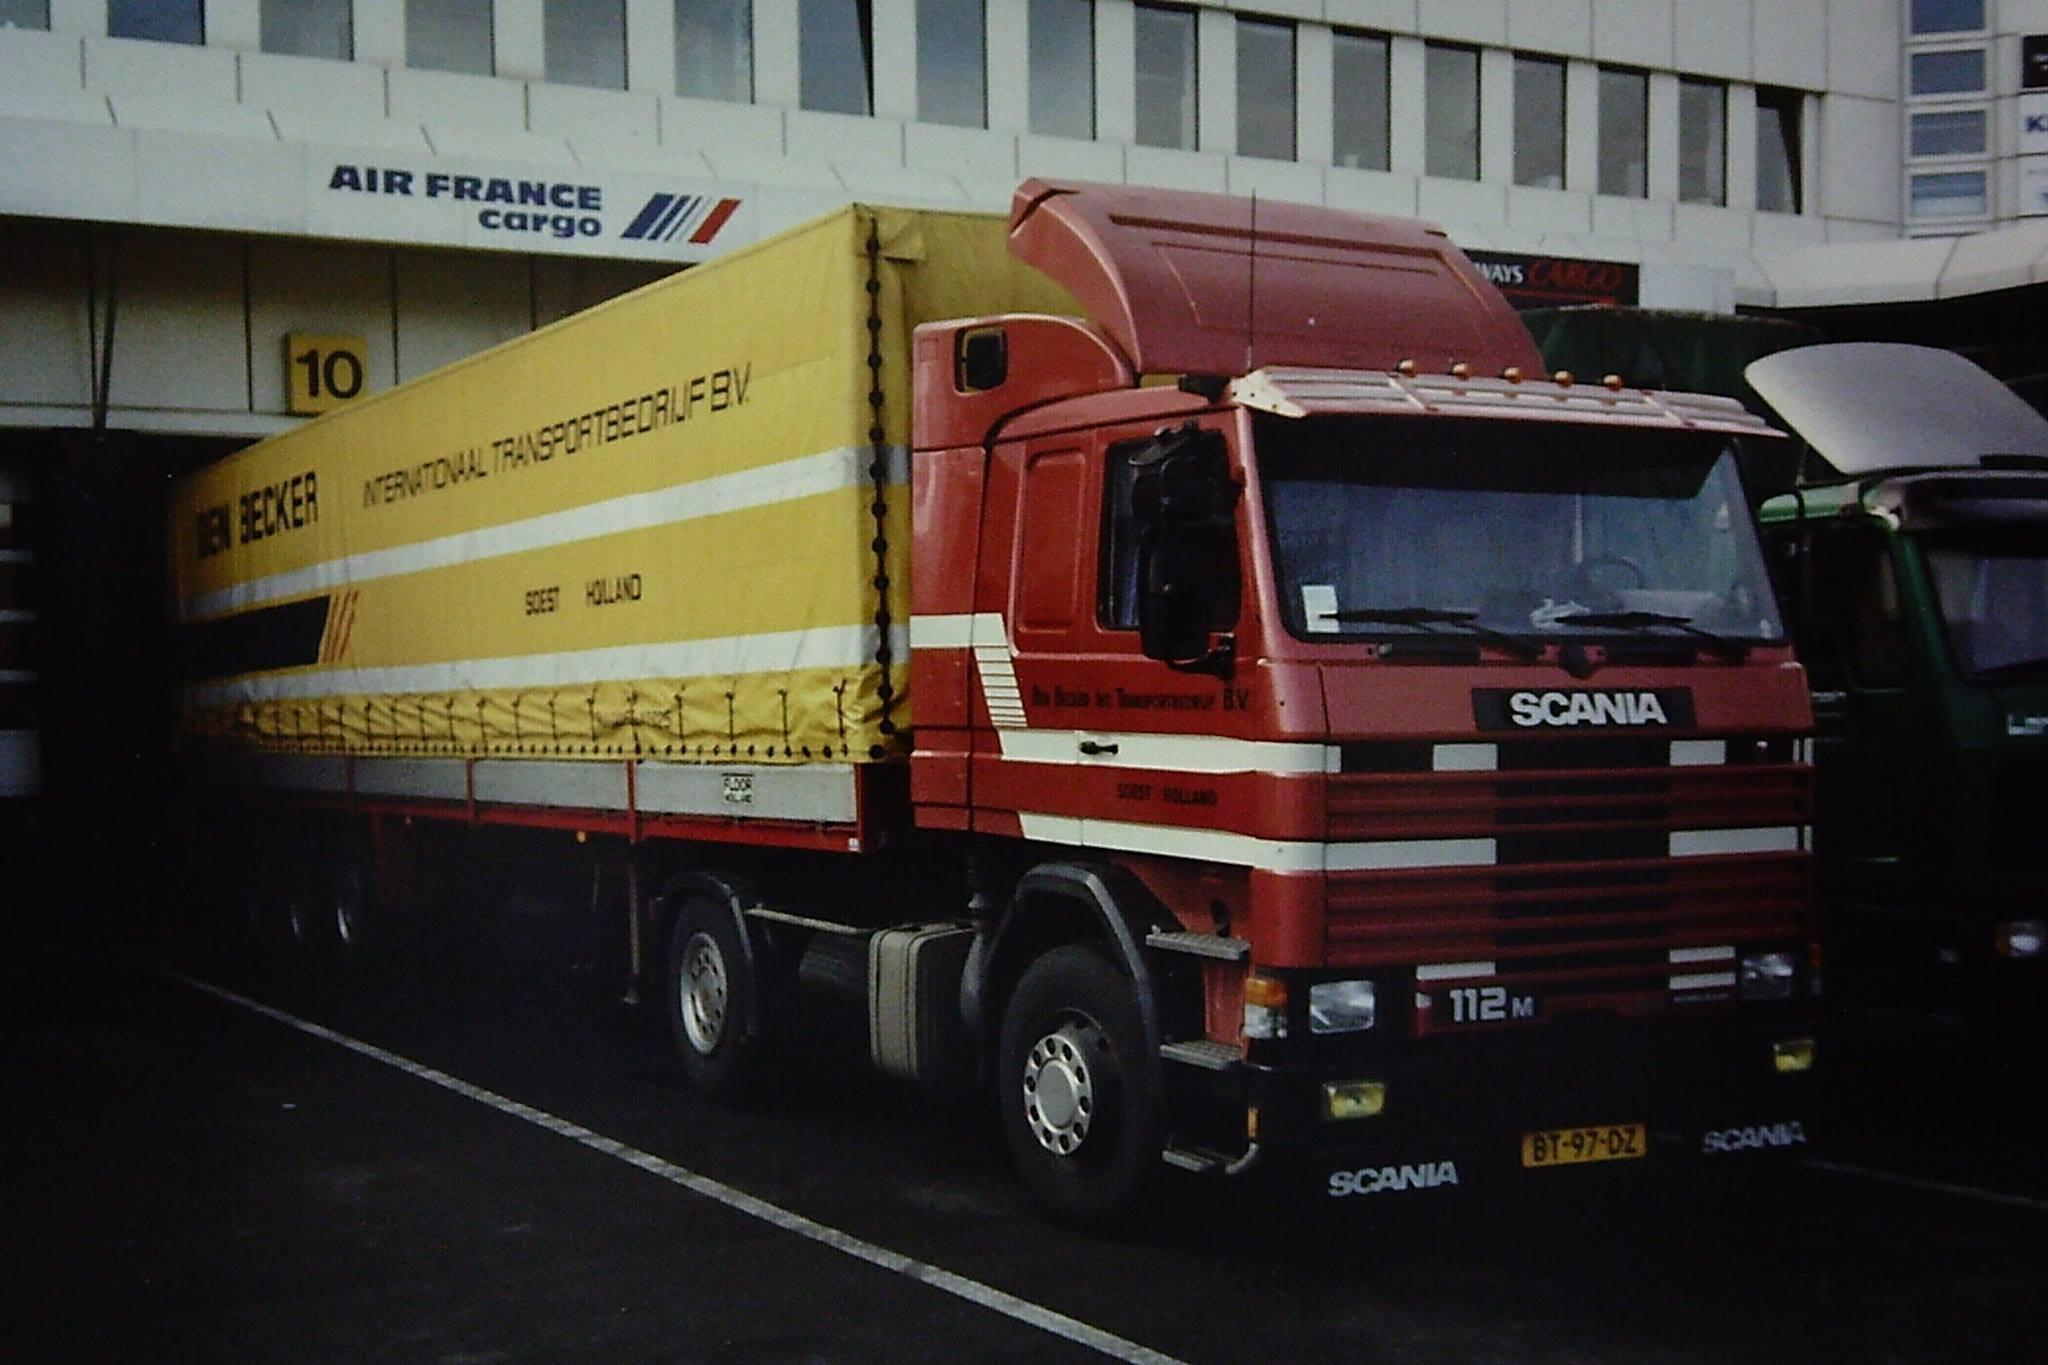 Scania-Vliegveld-Hannover--BT-97-DZ----Ron-van-Nieuwenhuizen--